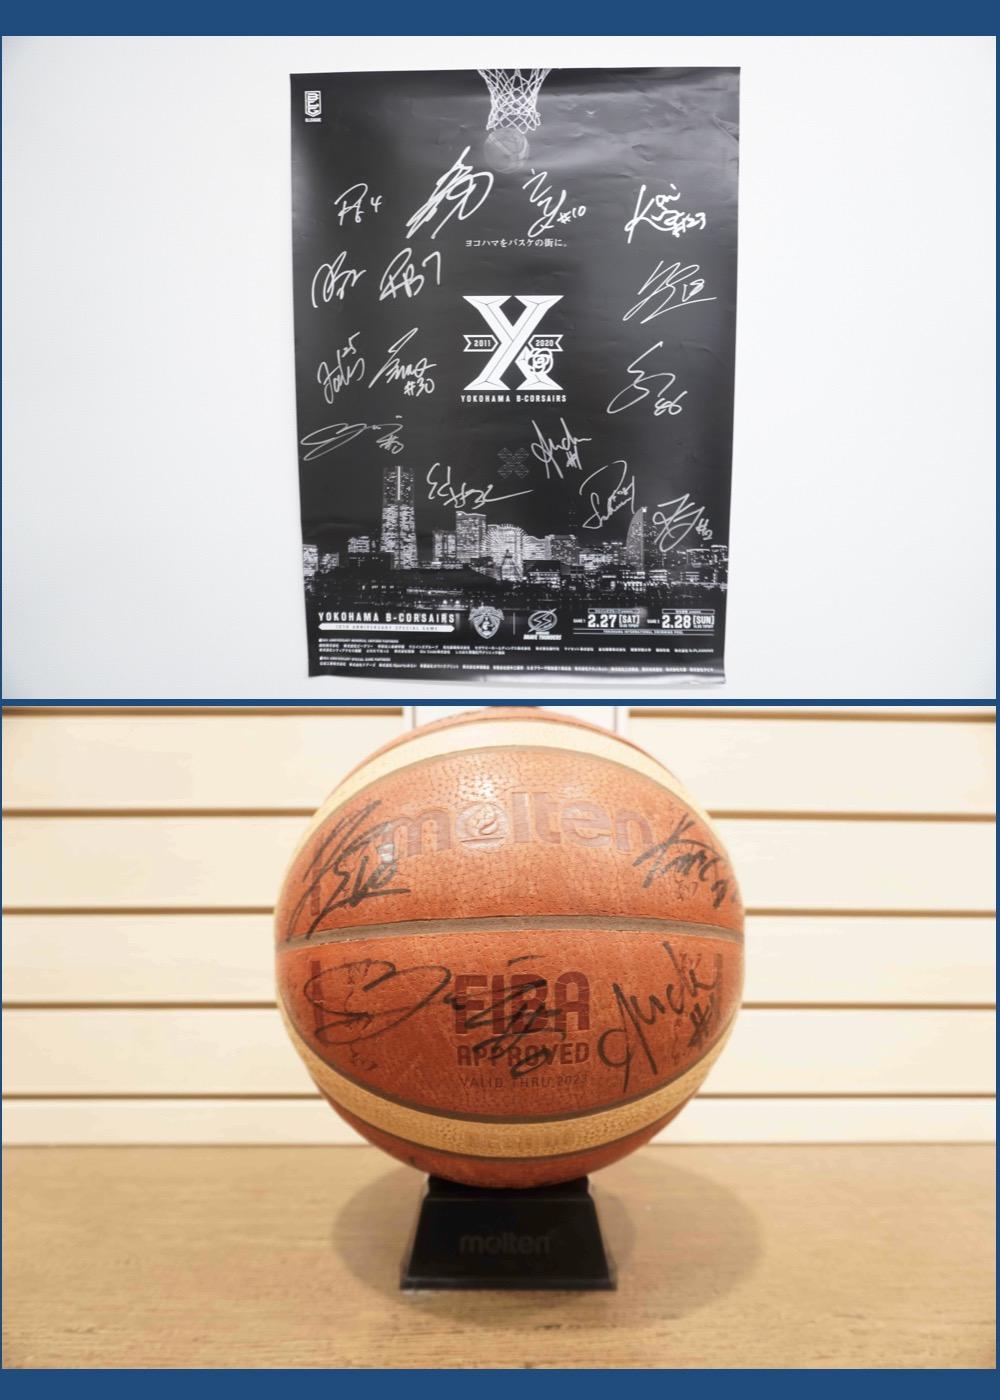 【公式】直筆サイン入り「横浜ビー・コルセアーズ 全15選手サインセット」横浜ビー・コルセアーズ